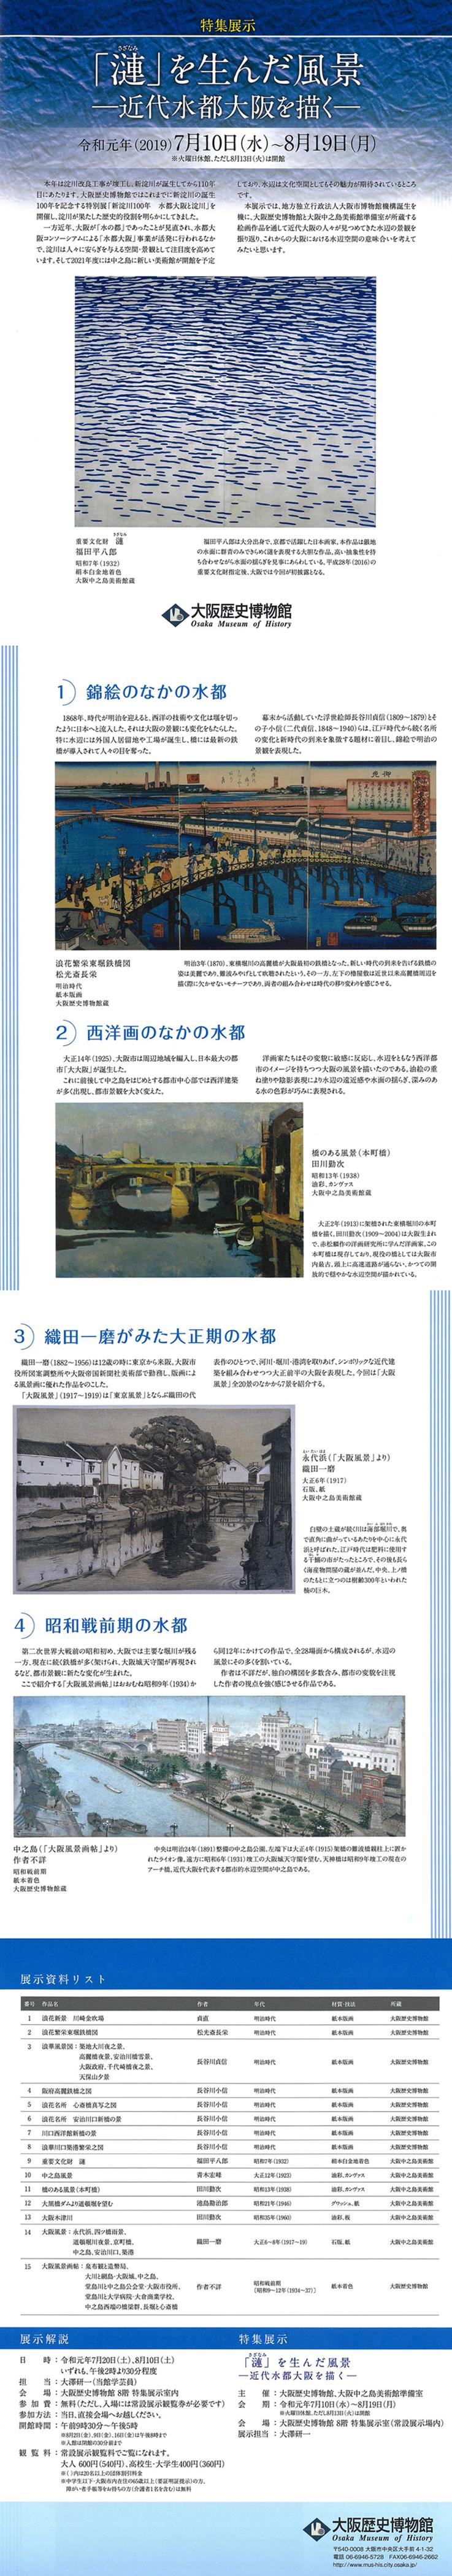 特集展示『「漣(さざなみ)」を生んだ風景ー近代水都大阪を描くー」